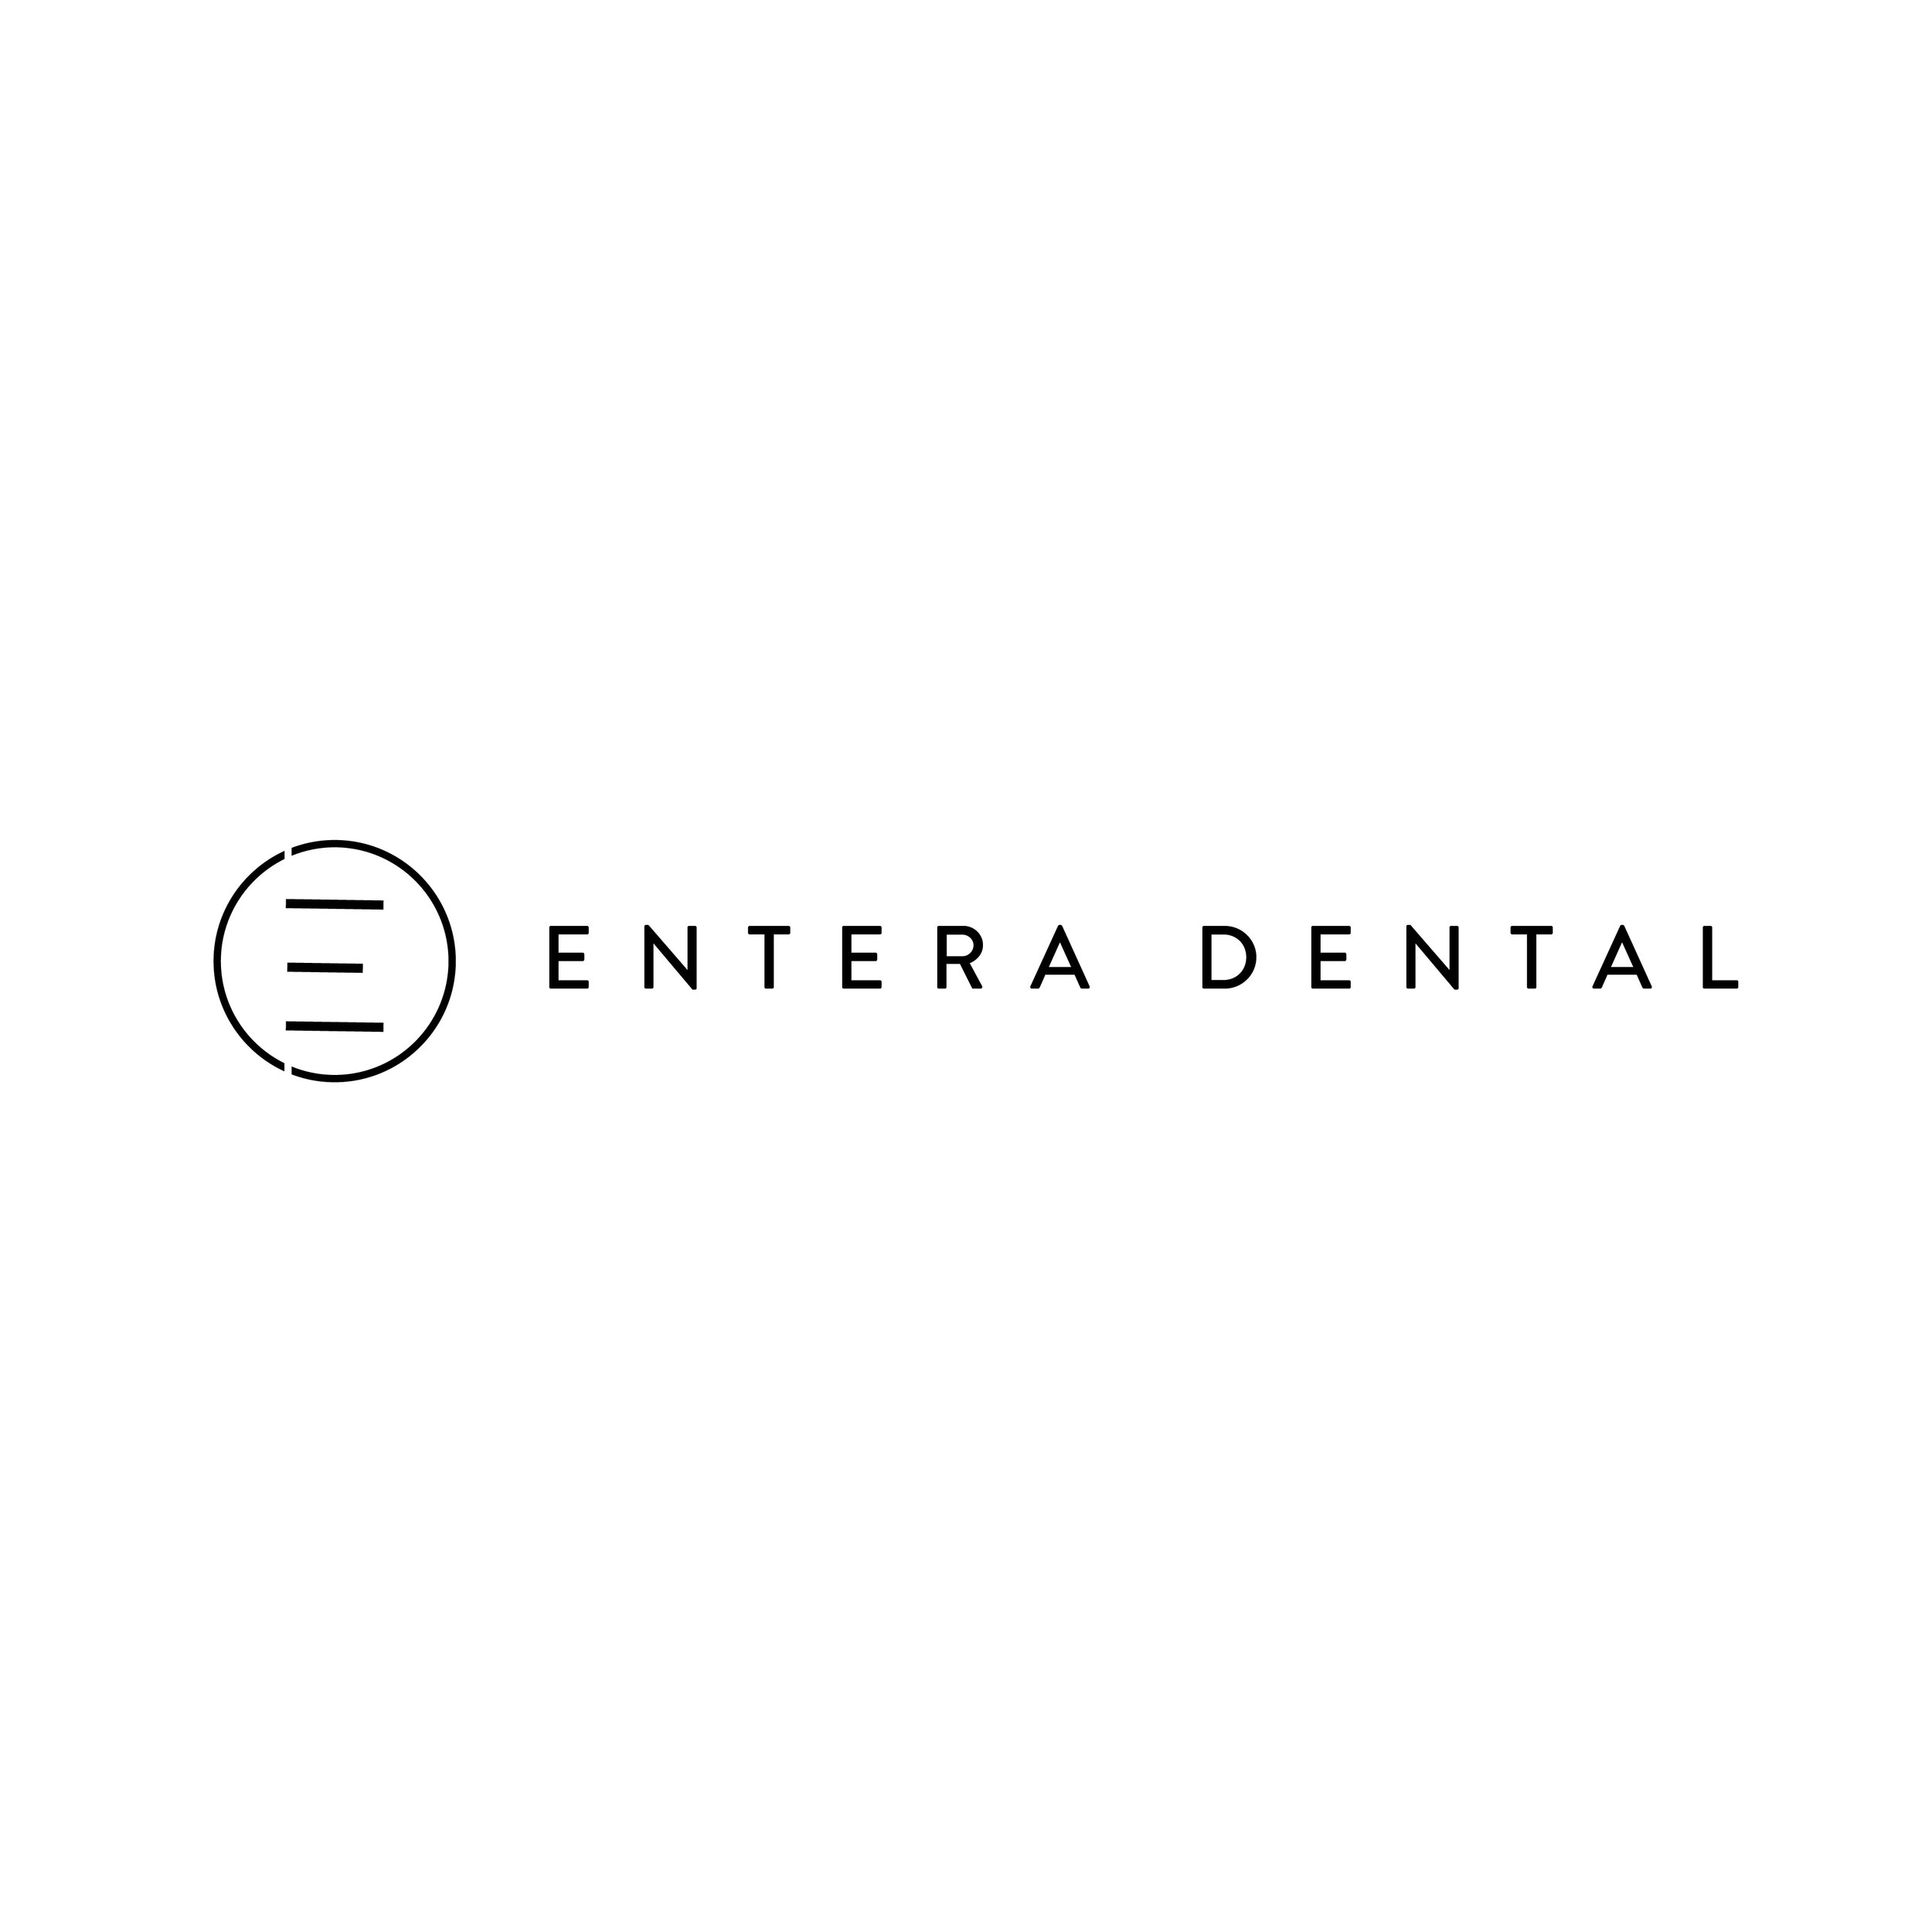 entera_logo_v3-01.jpg